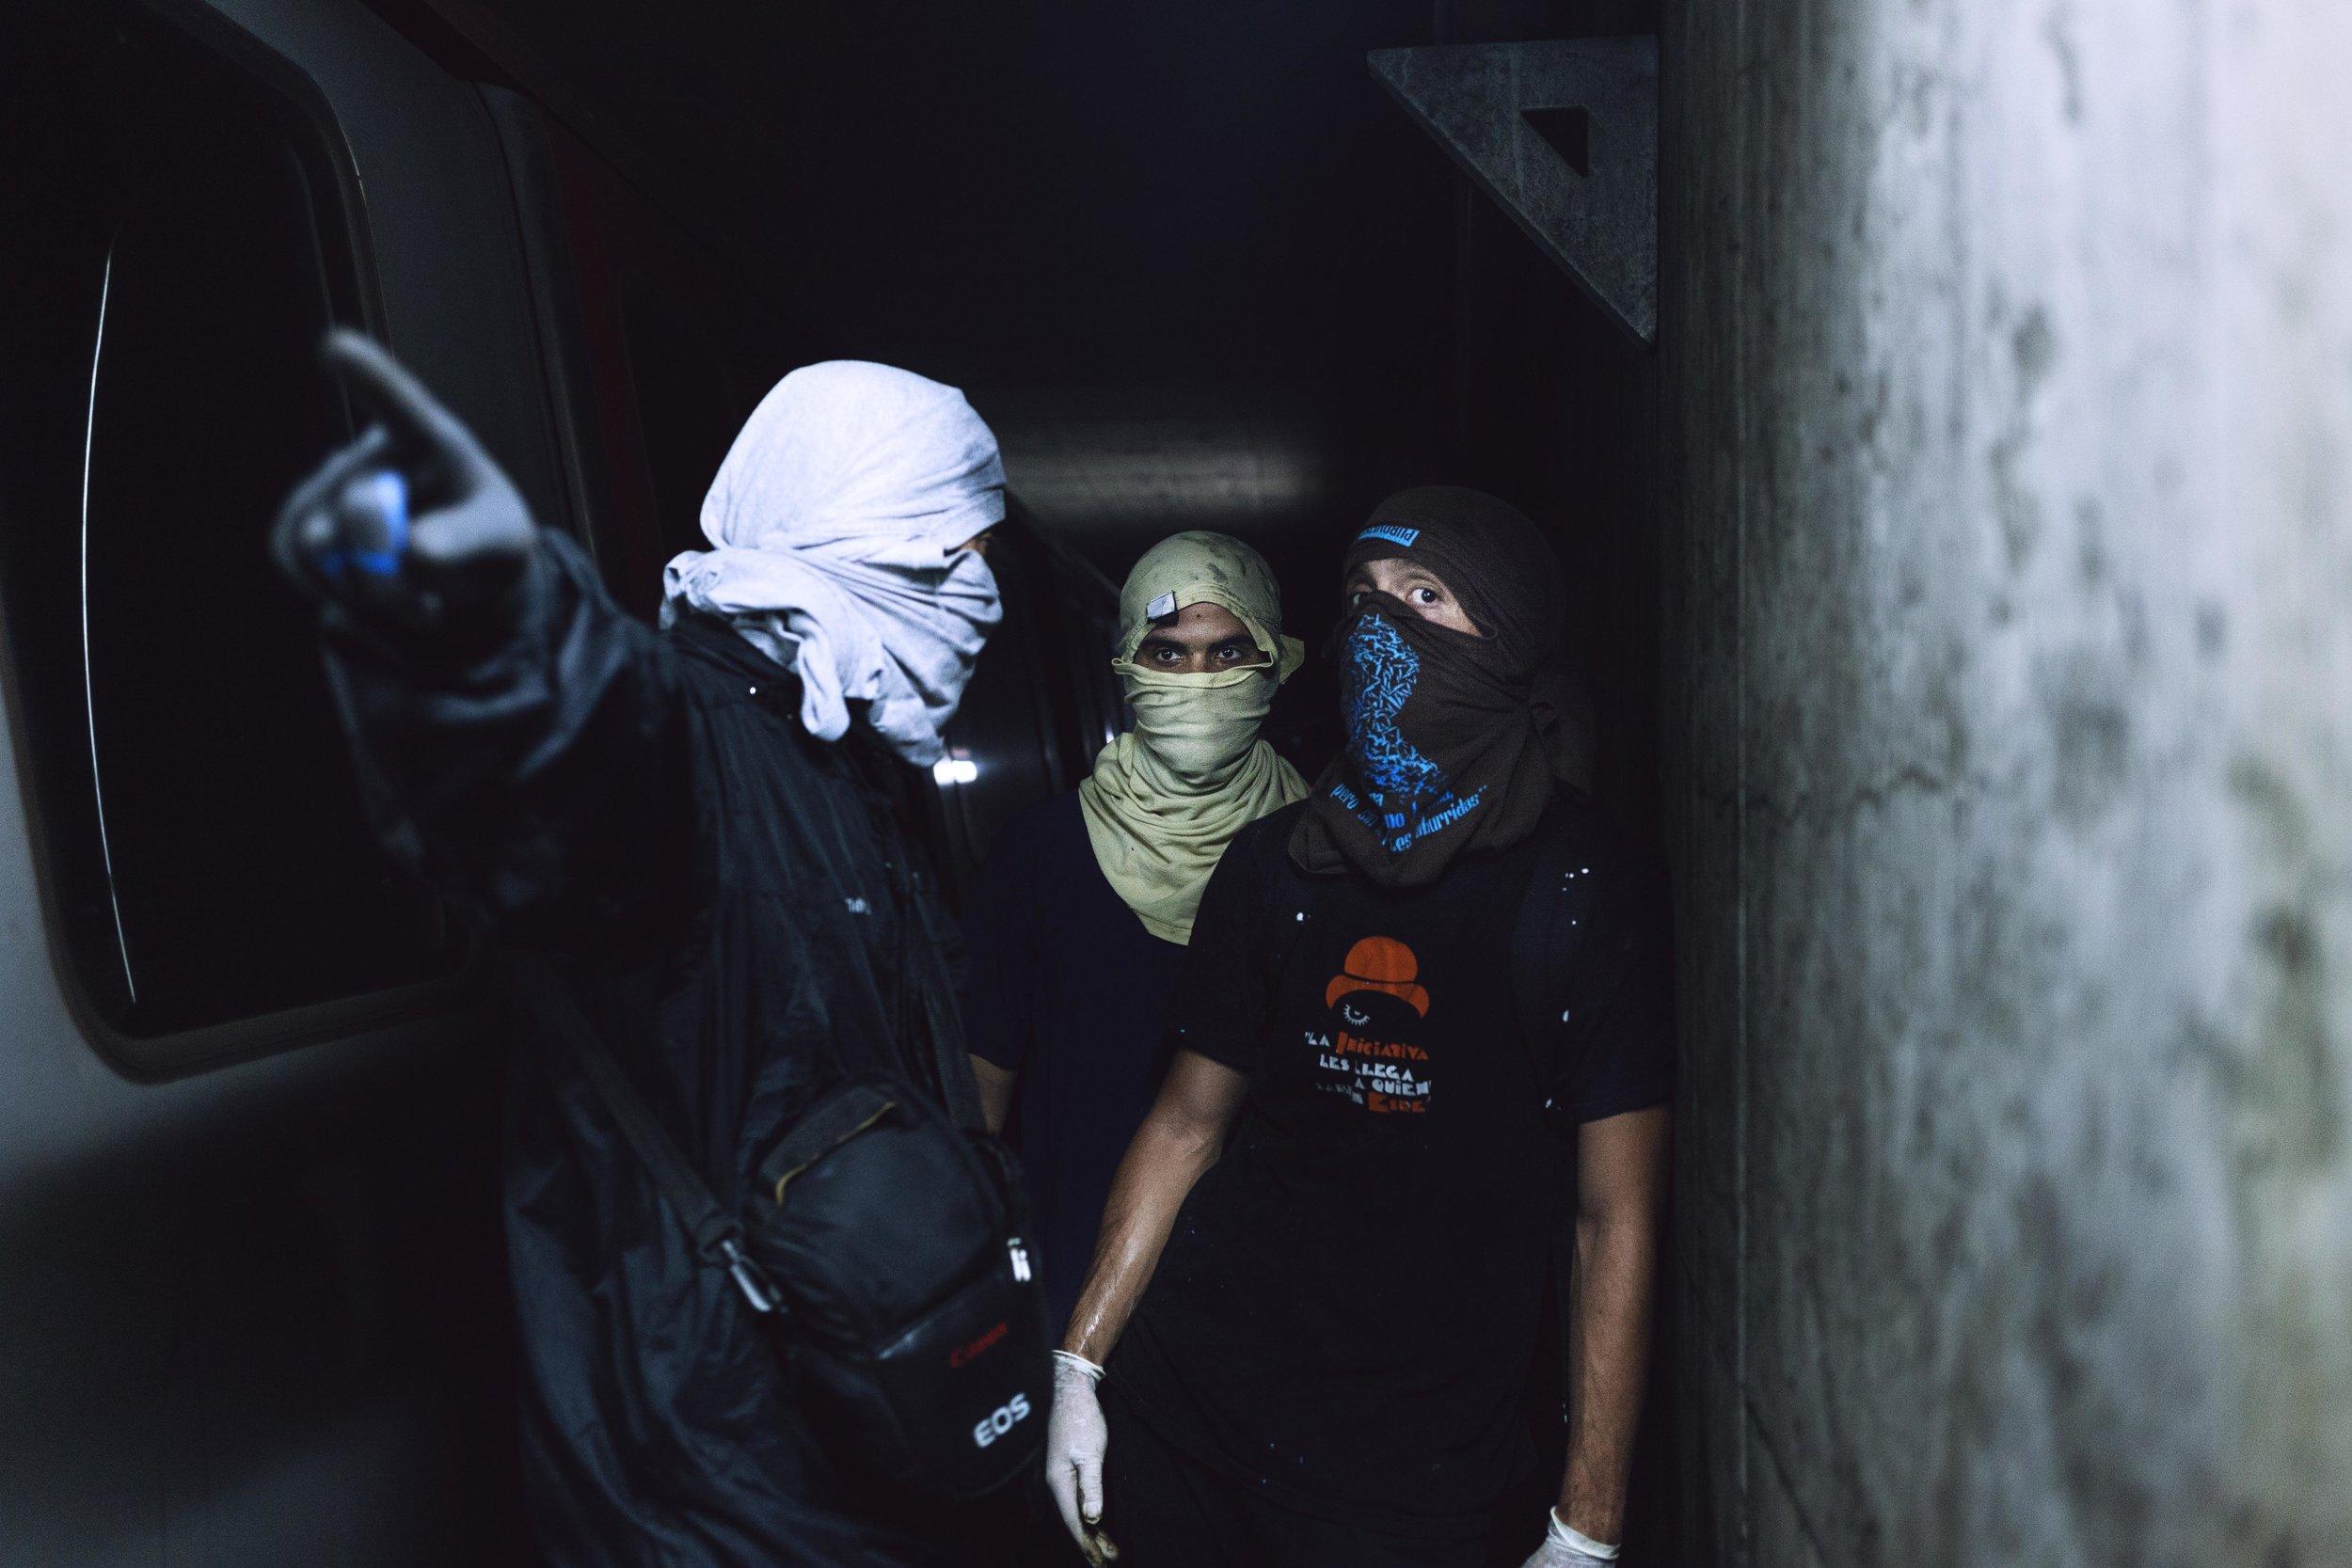 Loureiro_Caracas by Night_63.jpg